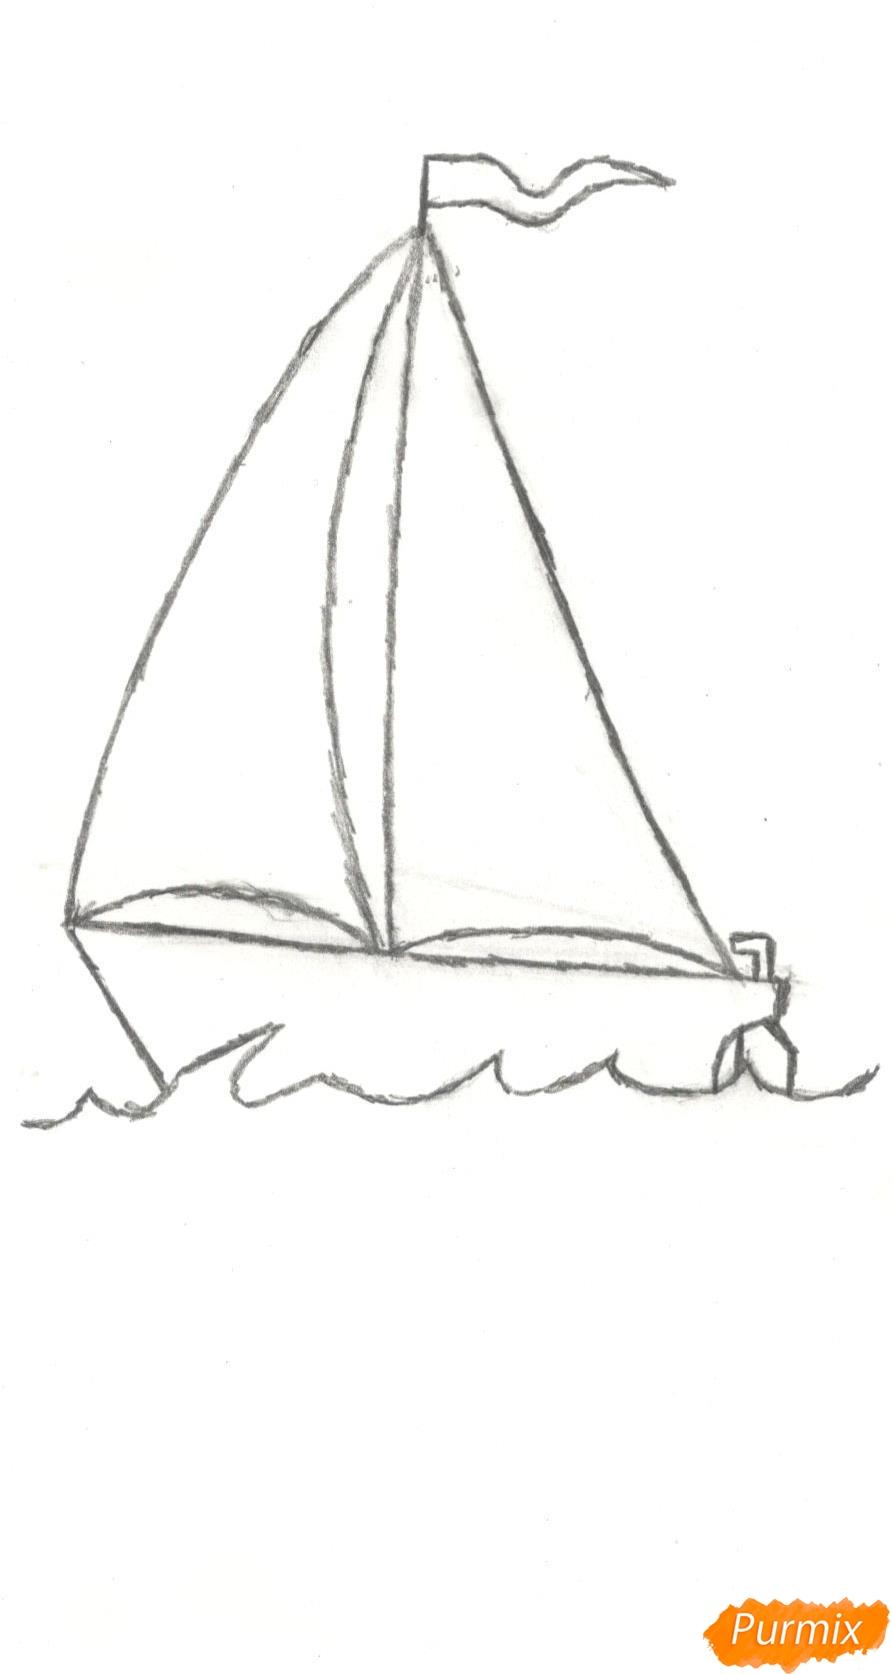 Рисуем кораблик (детский урок) - шаг 6